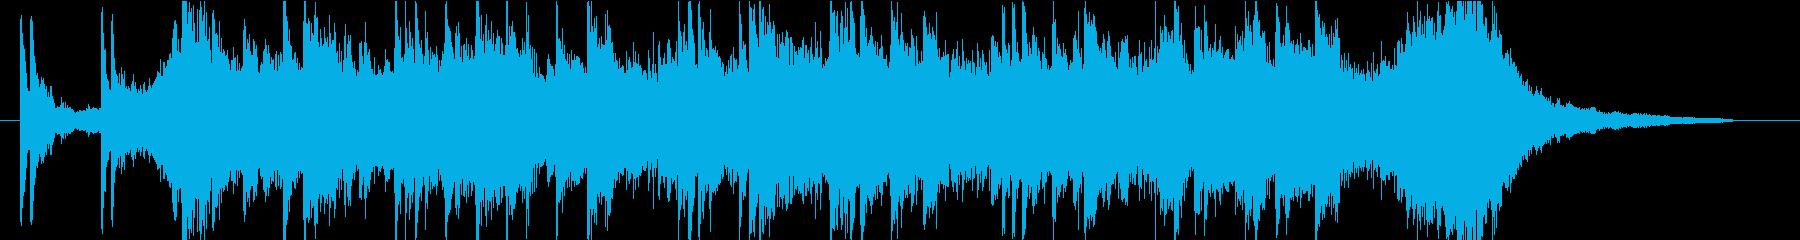 近未来的な激しいピアノ曲/クールなCM風の再生済みの波形